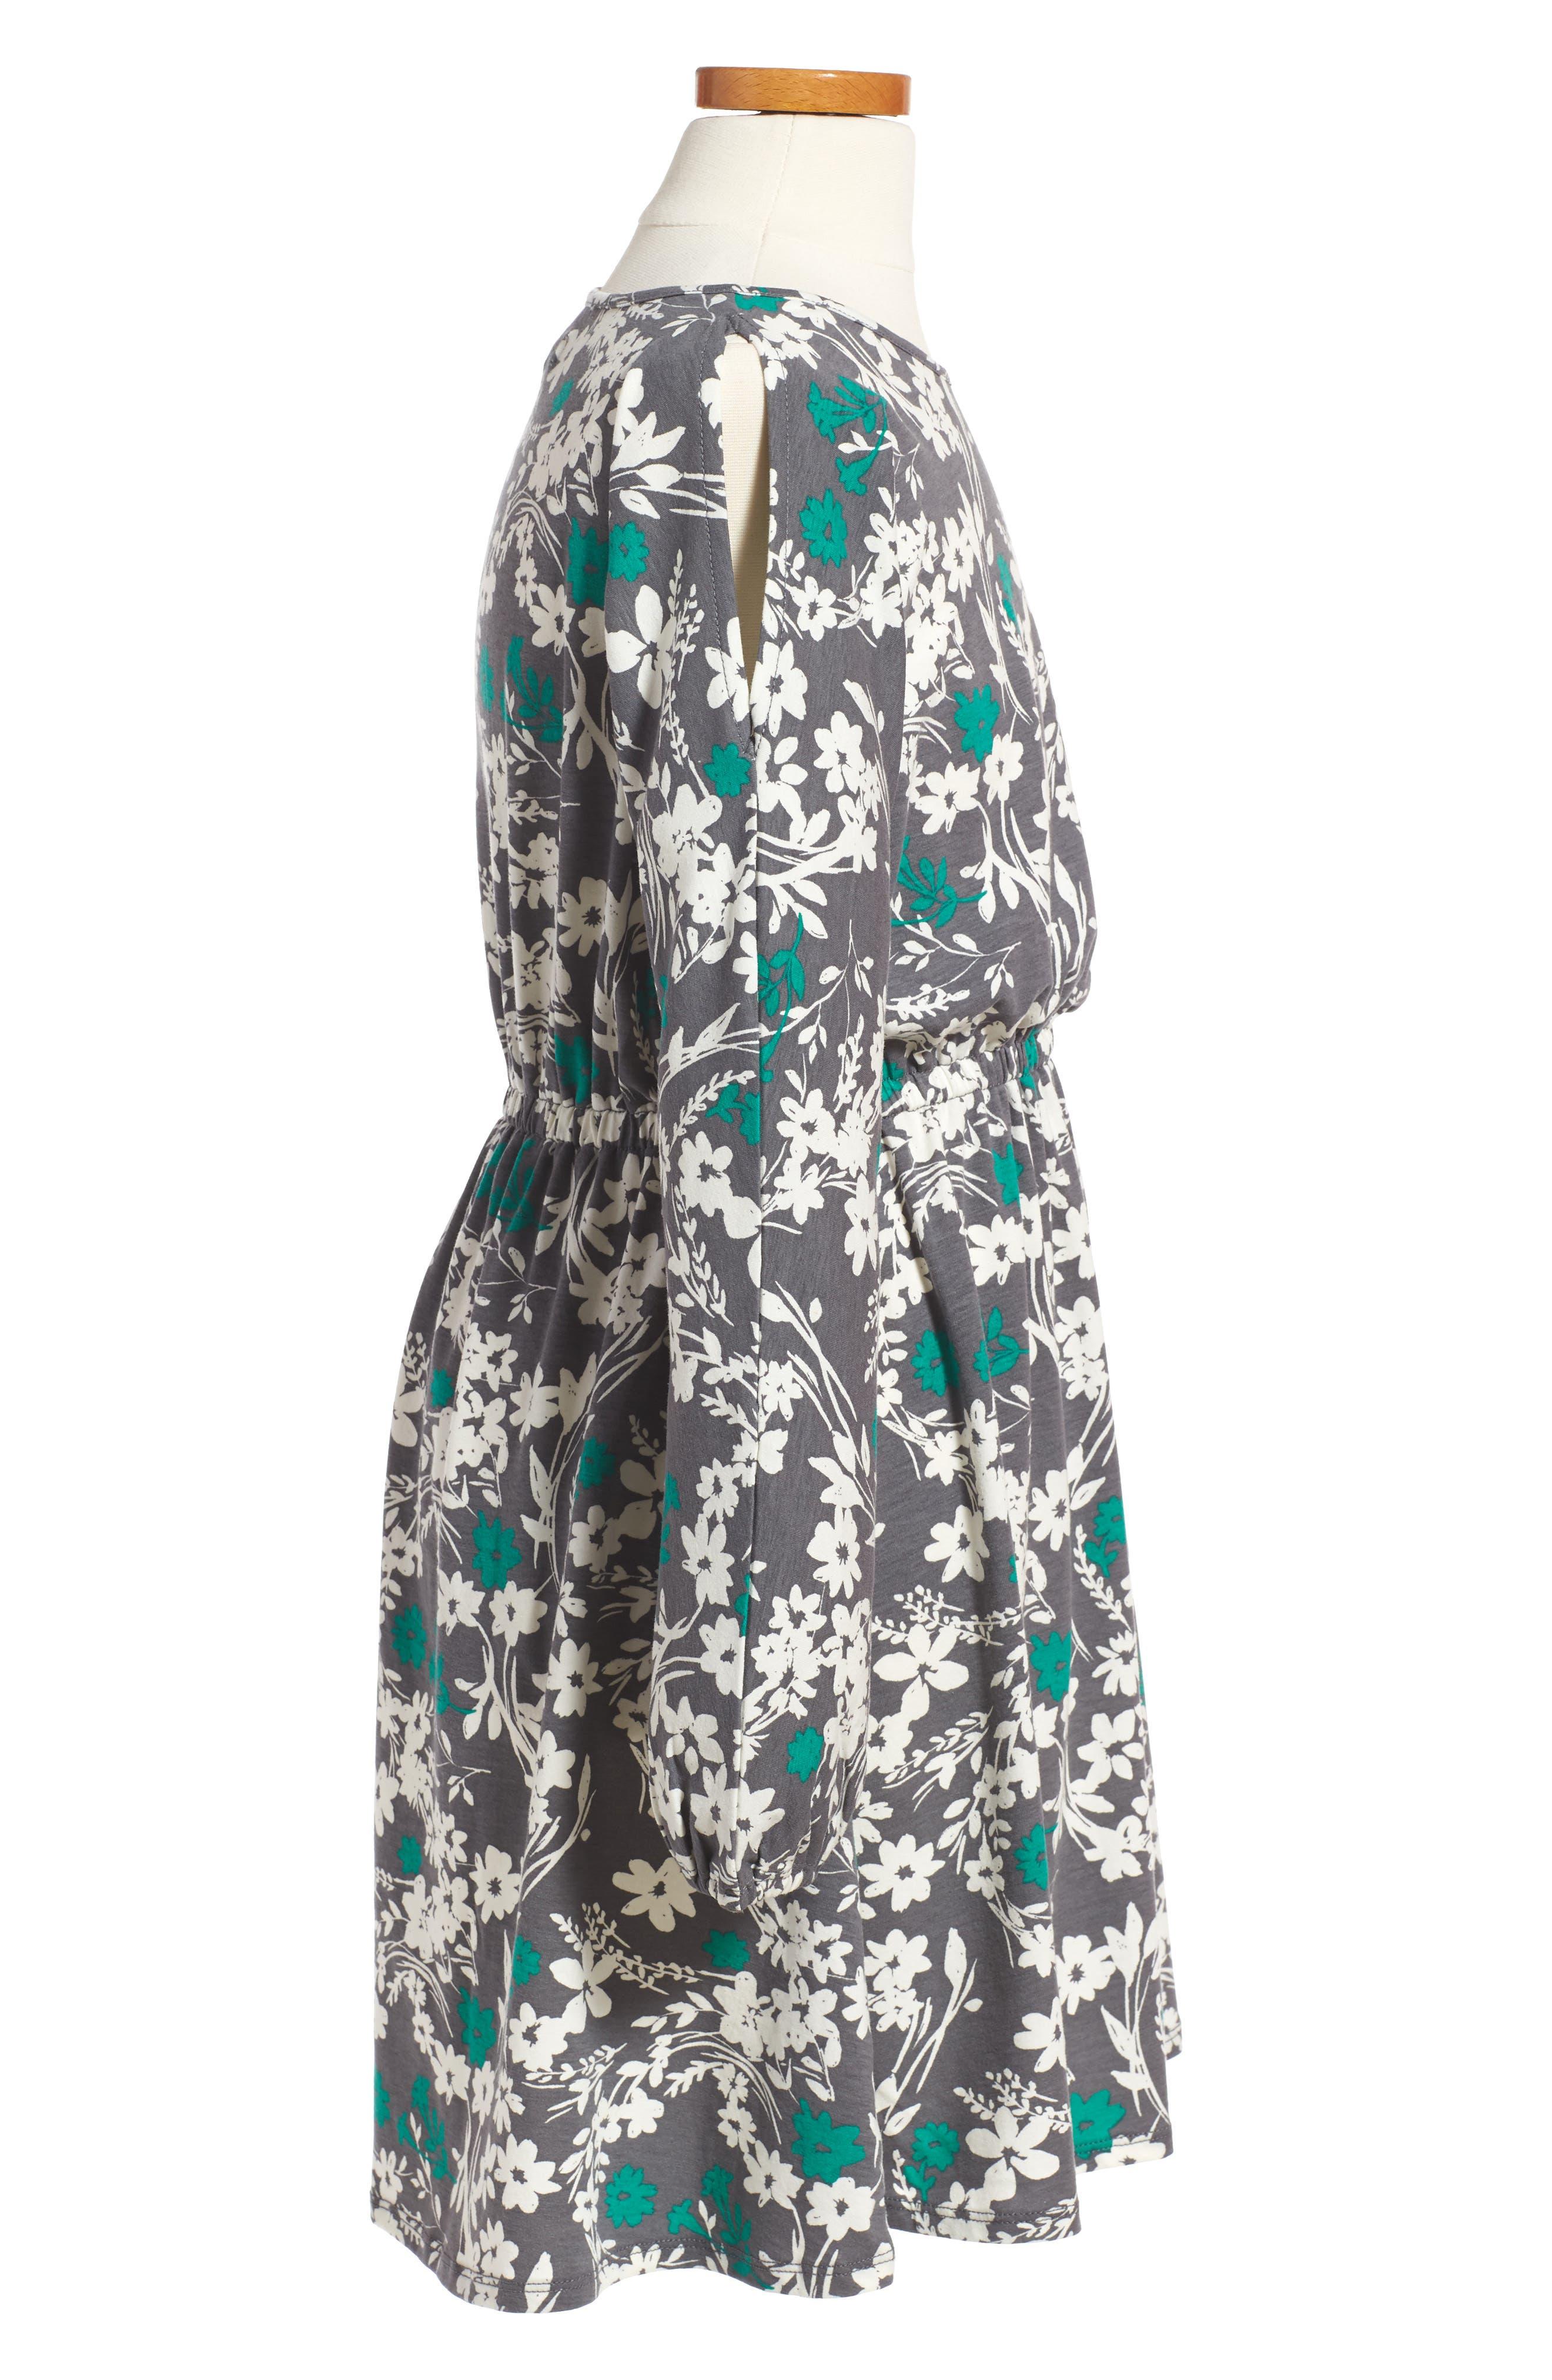 Cold Shoulder Print Dress,                             Alternate thumbnail 3, color,                             Grey Castlerock Shadow Floral